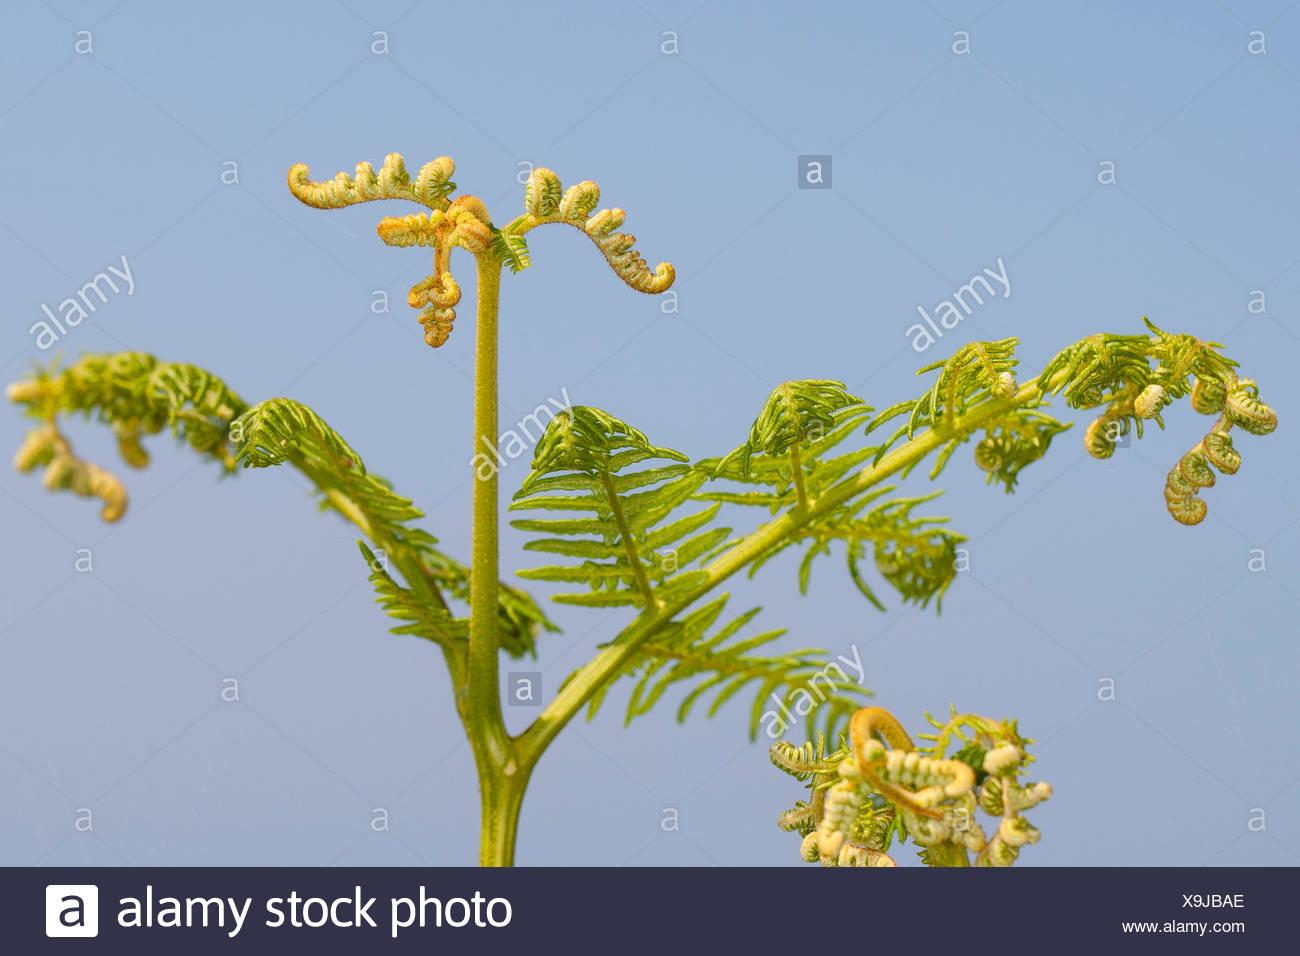 Helecho macho (Pteridium aquilinum), desarrollo de hojas, Alemania Imagen De Stock